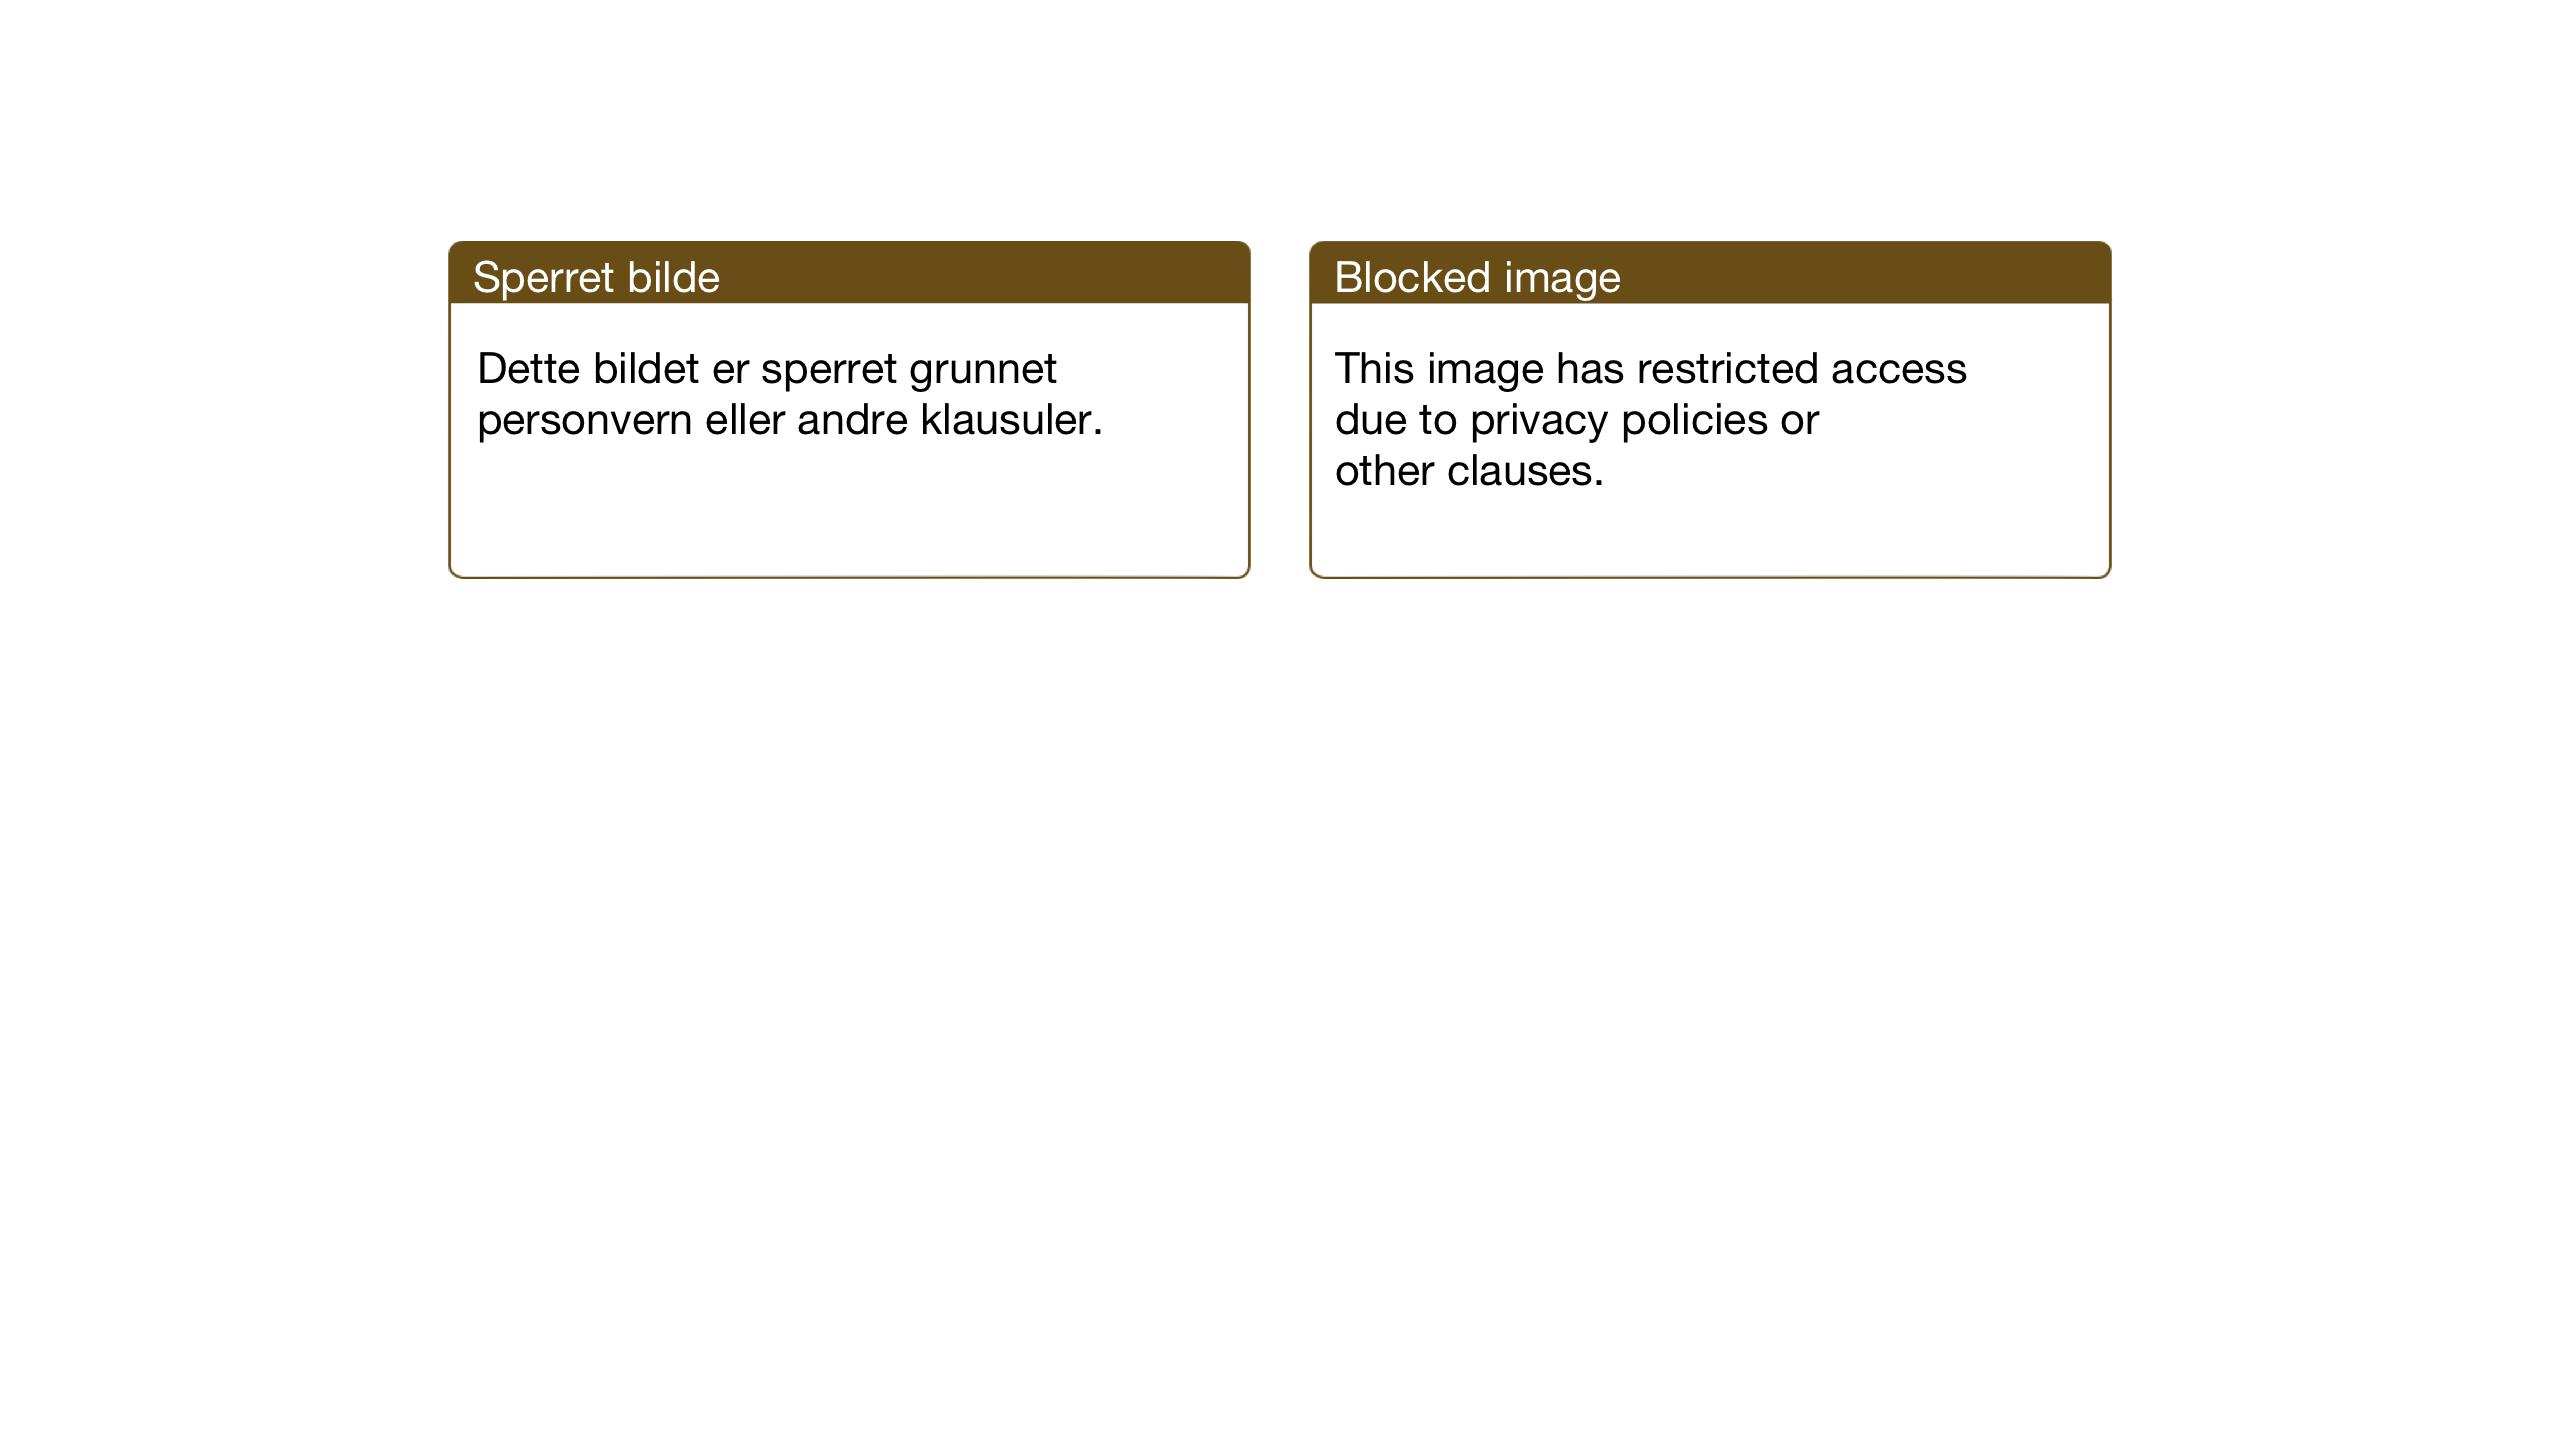 SAT, Ministerialprotokoller, klokkerbøker og fødselsregistre - Nord-Trøndelag, 733/L0328: Klokkerbok nr. 733C03, 1919-1966, s. 130